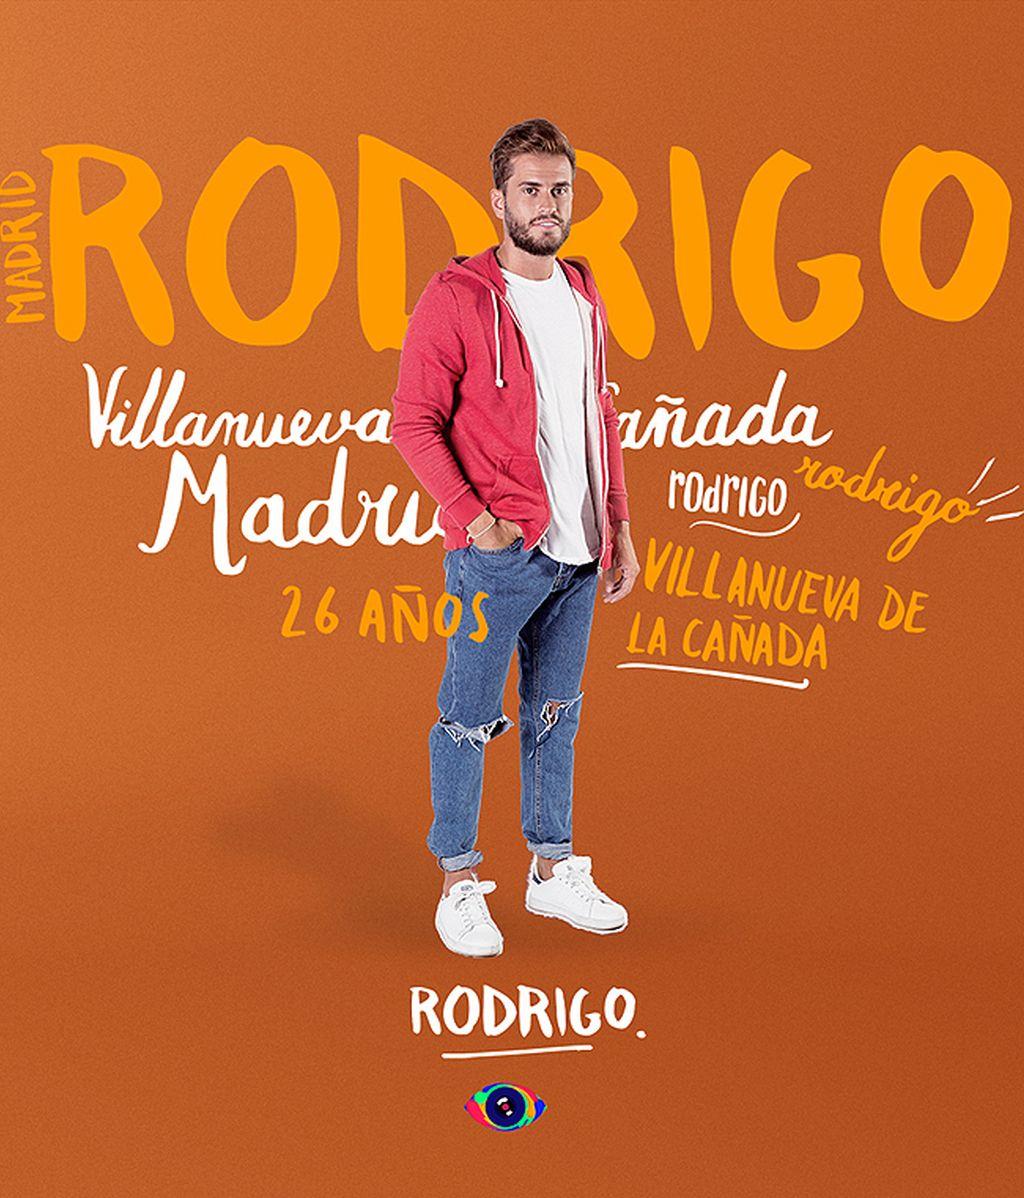 Rodrigo, 27 años (Villanueva de la Cañada)